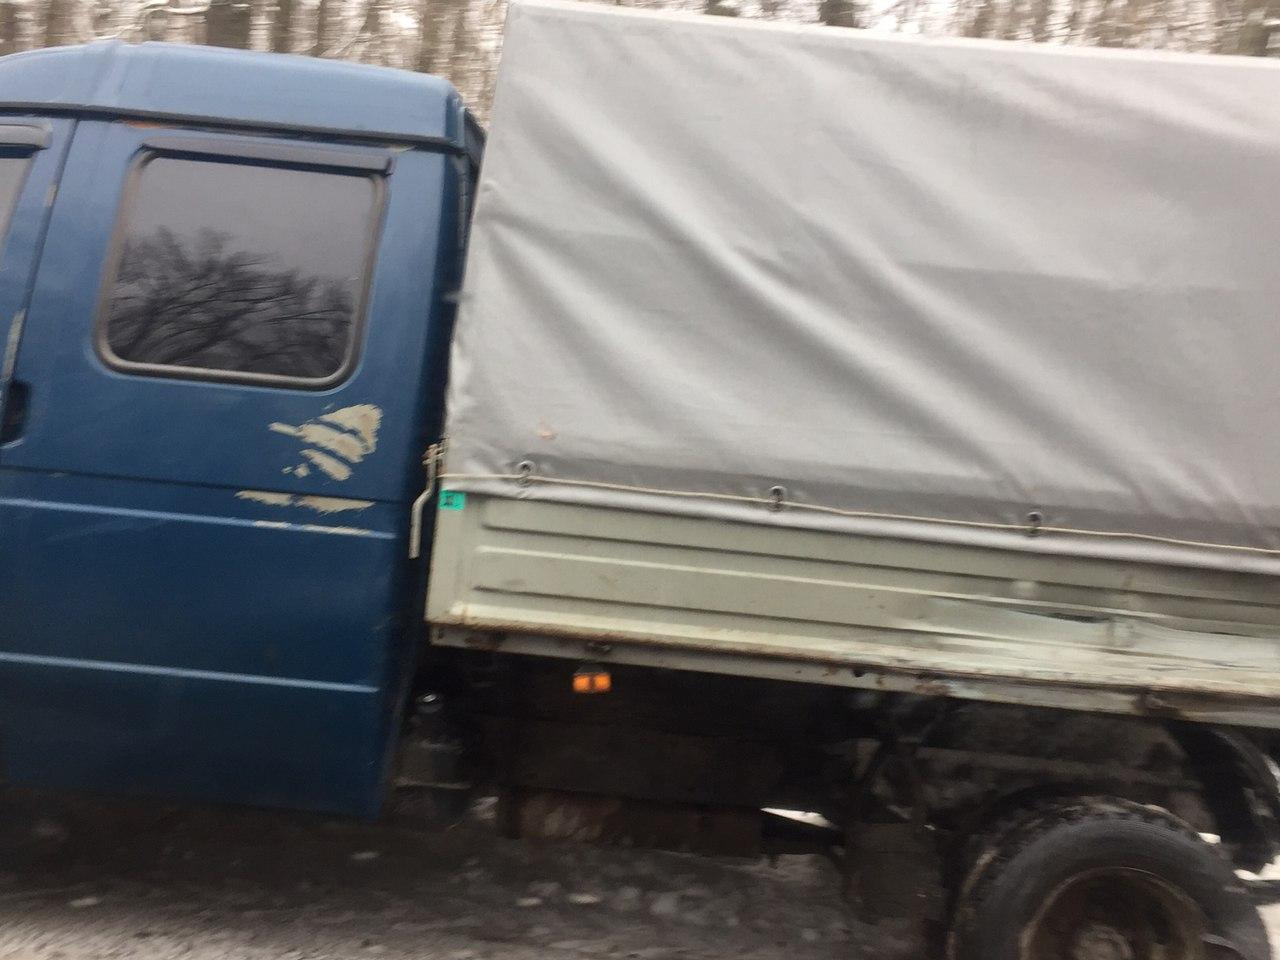 ВХарькове авто въехало вмашину патрульных, остановившихся из-за тройного ДТП